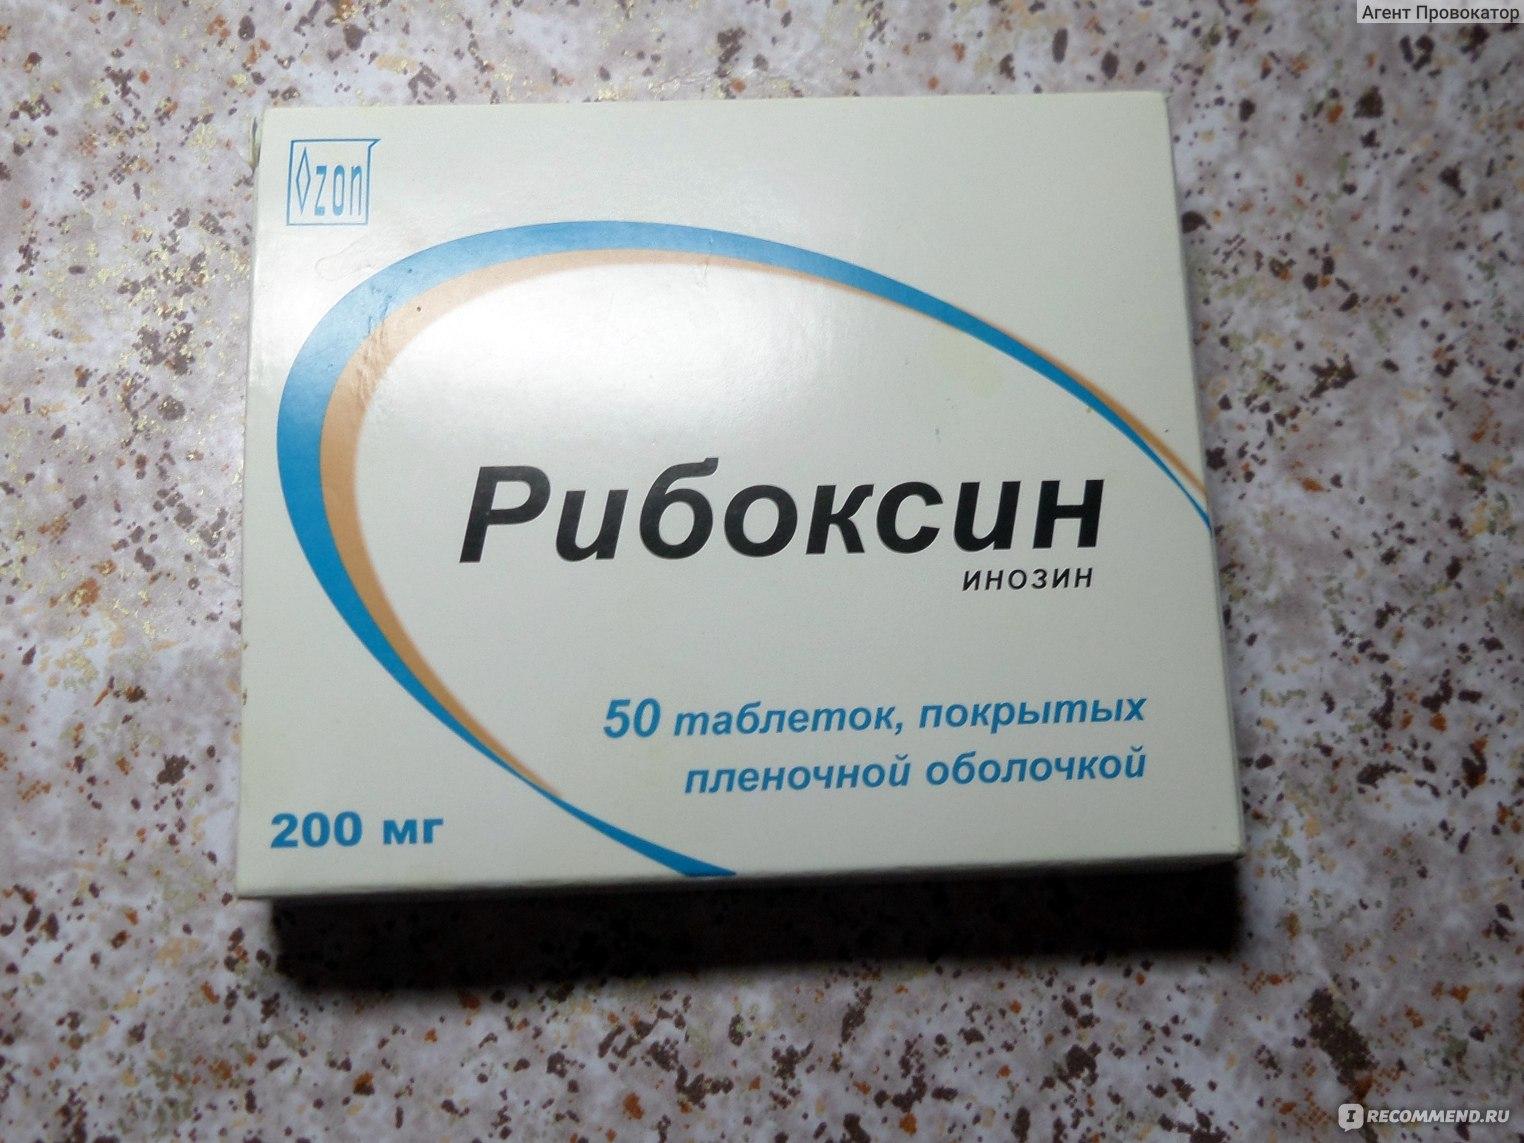 Рибоксин При Похудении. Рибоксин для похудения